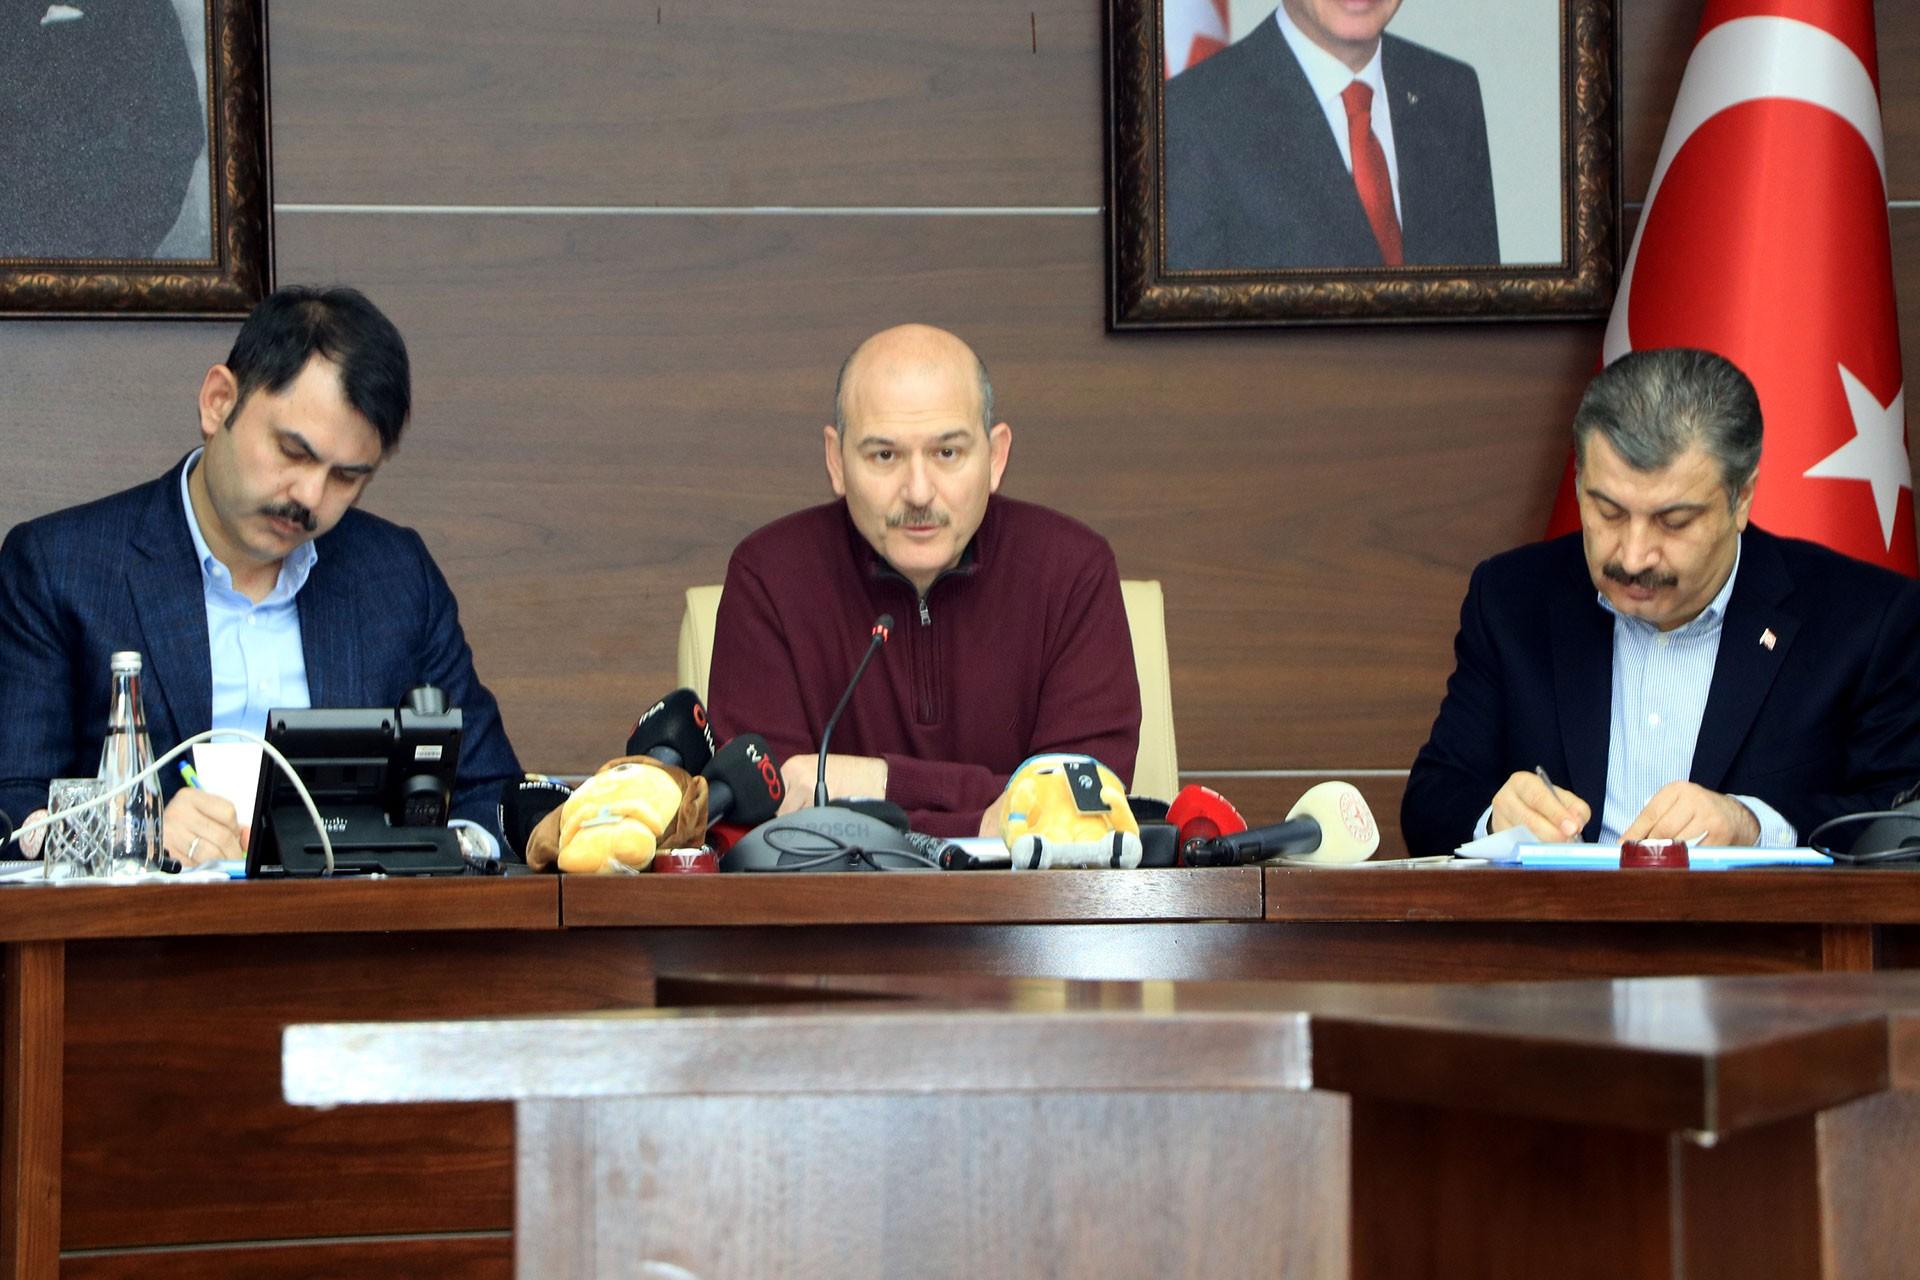 İçişleri Bakanı Süleyman Soylu (ortada), Çevre ve Şehircilik Bakanı Murat Kurum (solda) ve Sağlık Bakanı Fahrettin Koca (sağda)